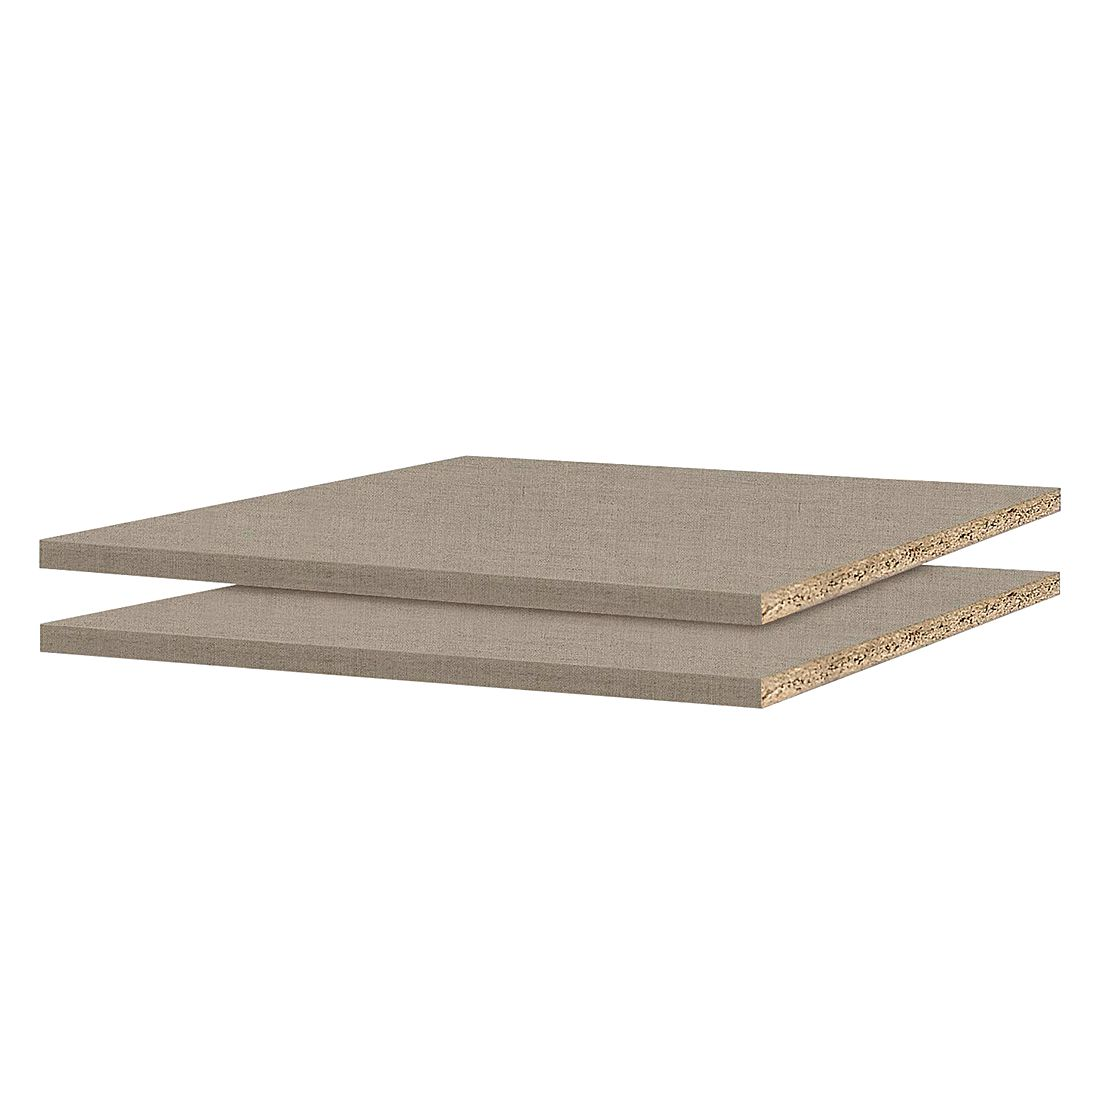 45er Fachboden (2er-Set) – für Schranktiefe 54/56cm, Rauch günstig kaufen